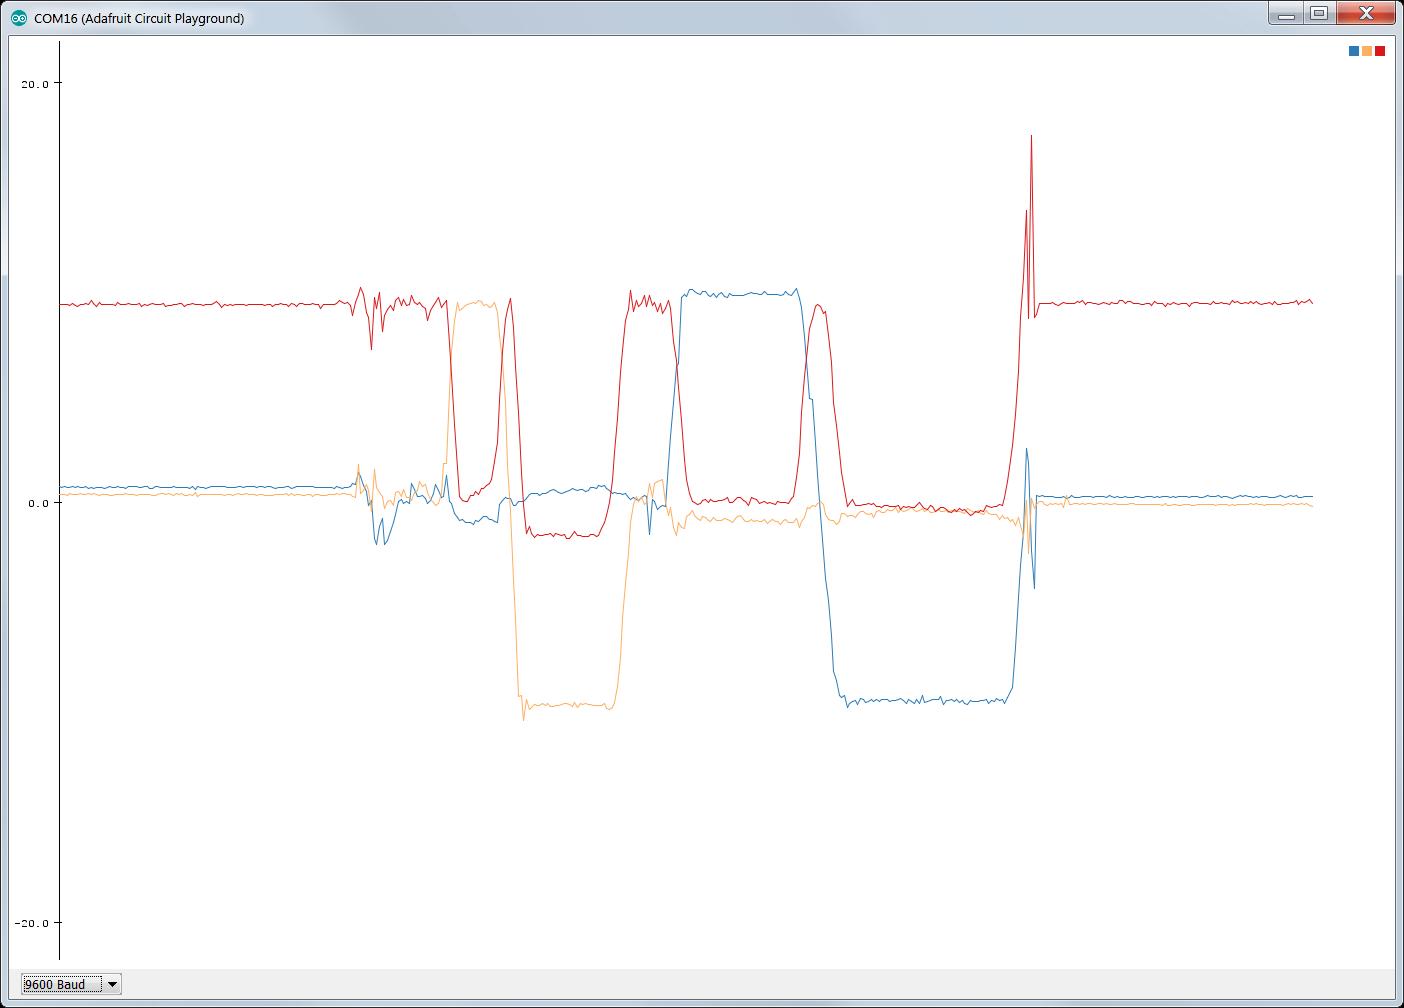 Bewegungssensor auswerten: Mit Wackeln programmieren lernen - Ausgabe des seriellen Monitors (Bild: Thomas Ell)